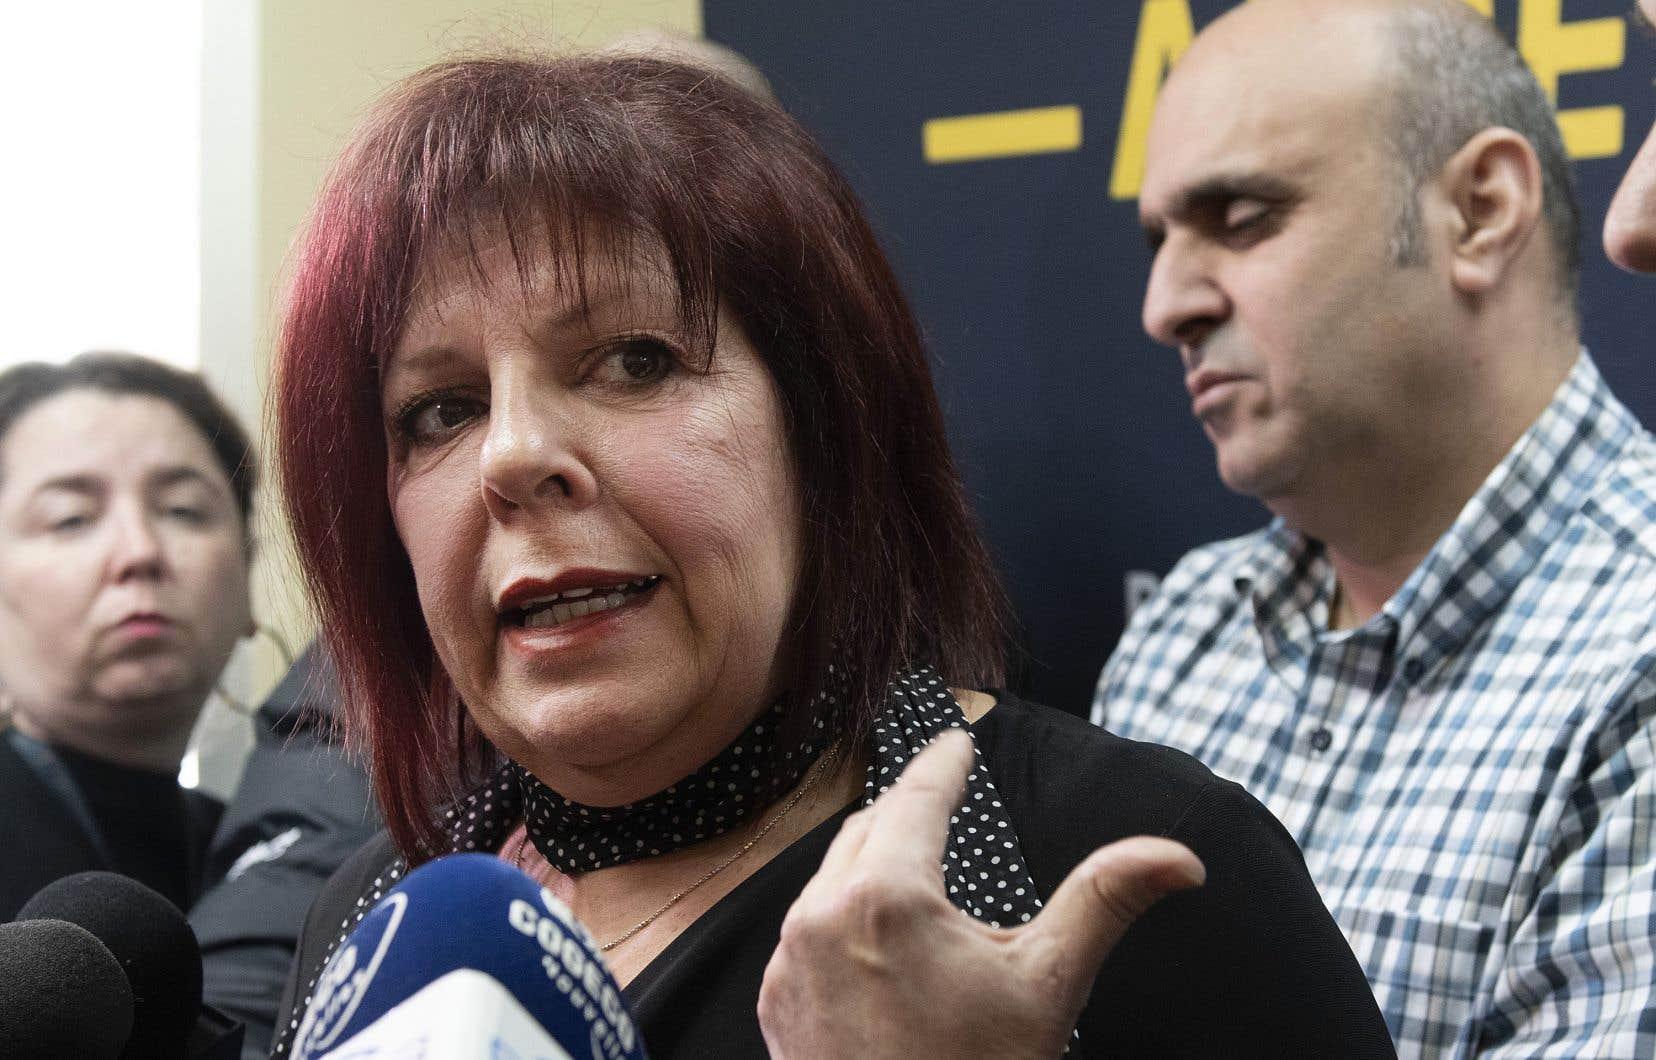 Lynda Poirier, du Centre de prévention du suicide de Québec, répond aux questions des journalistes. Les porte-parole des chauffeurs de taxi, dont Abdallah Homsy, que l'on voit derrière elle, se sont adressés à l'organisme à la suite de deux tentatives de suicide de collègues.